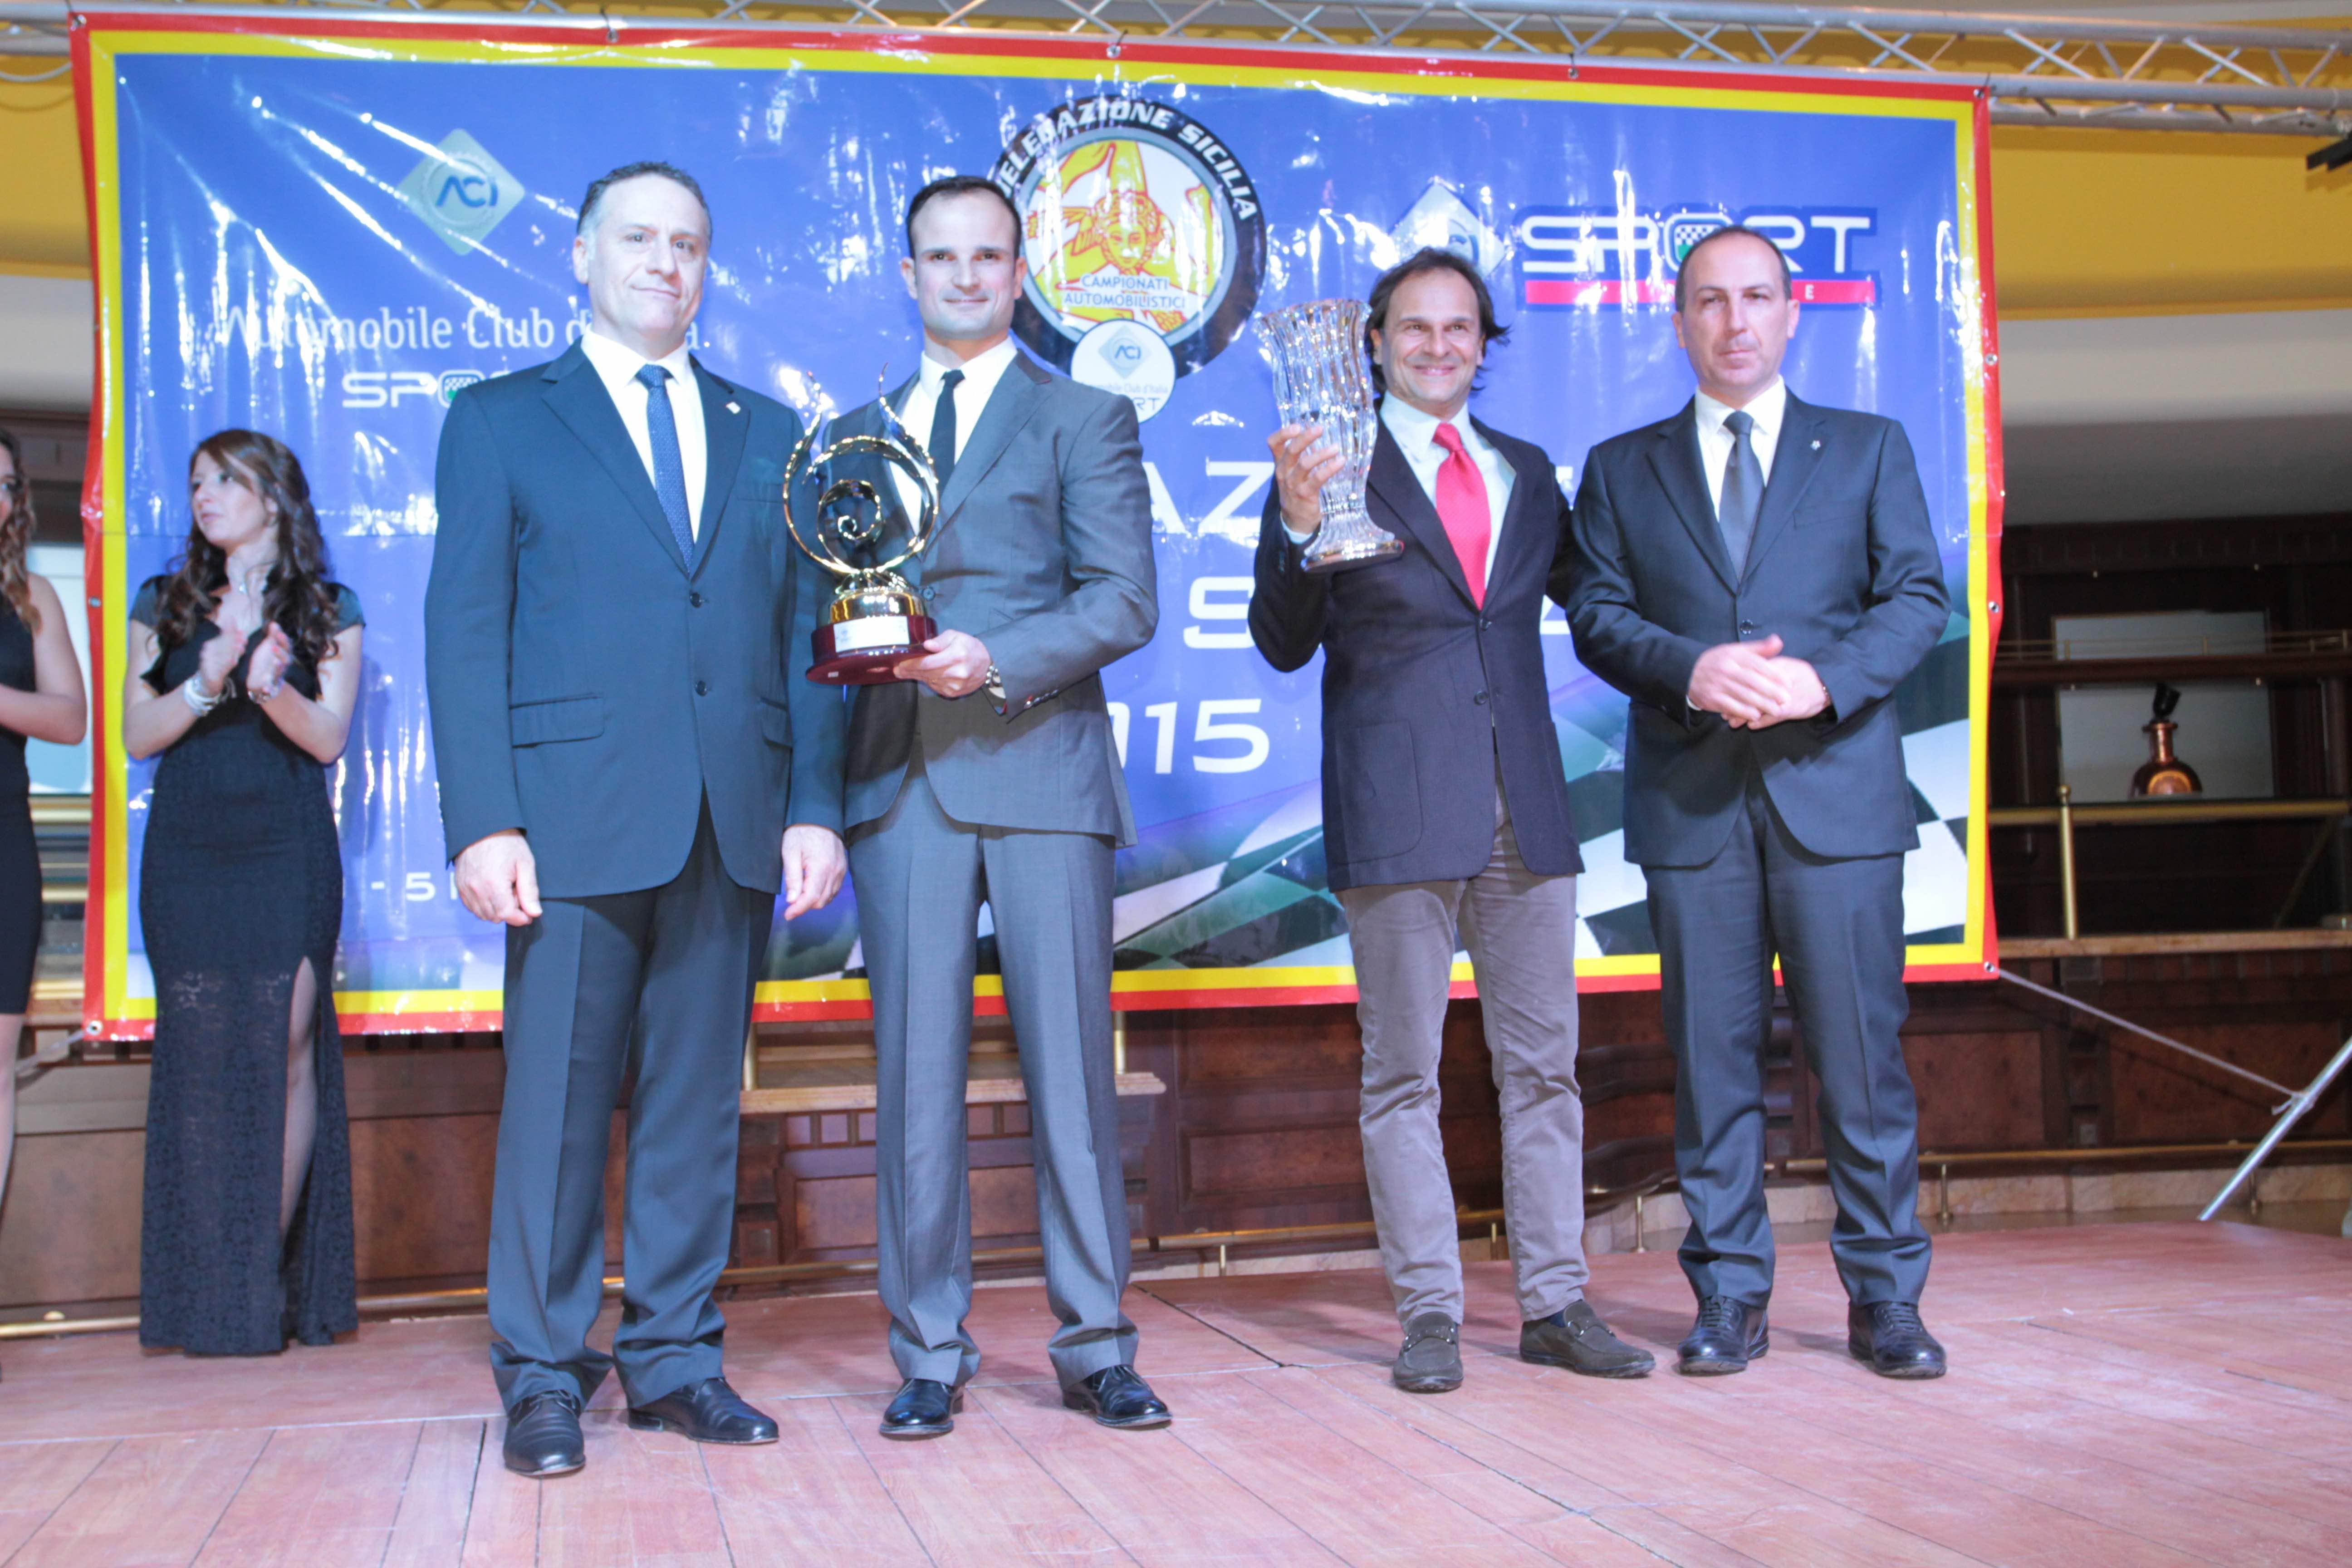 Cefal¹ Pa premiati i campioni siciliani dalla delegazione ACI